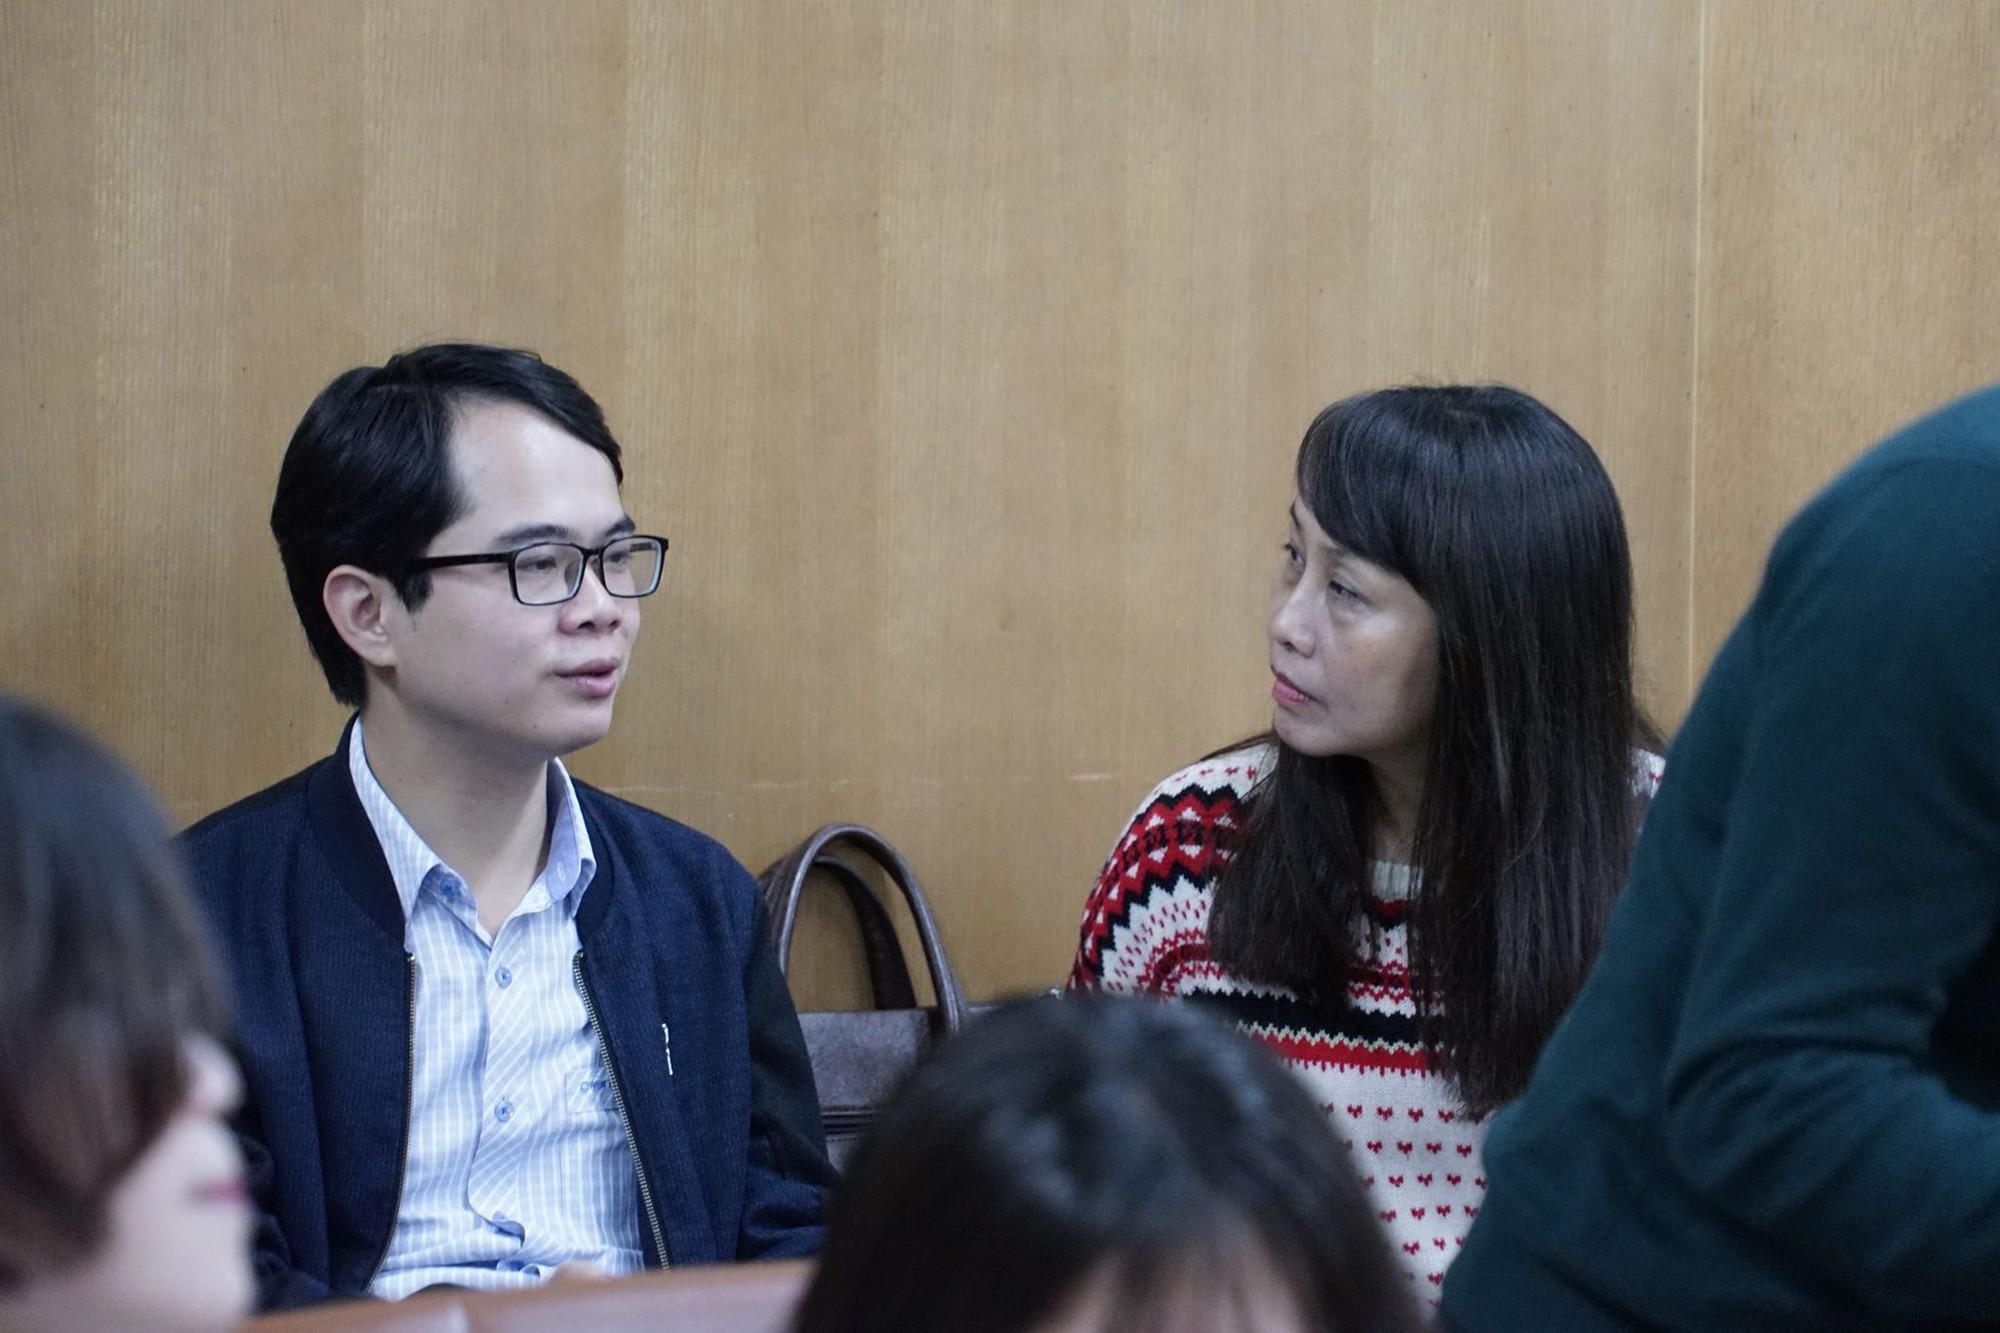 Họp báo tại BV Bạch Mai: Phát ngôn của bác sĩ Phong ở chùa Ba Vàng không đại diện ai và không có giá trị nào - Ảnh 4.